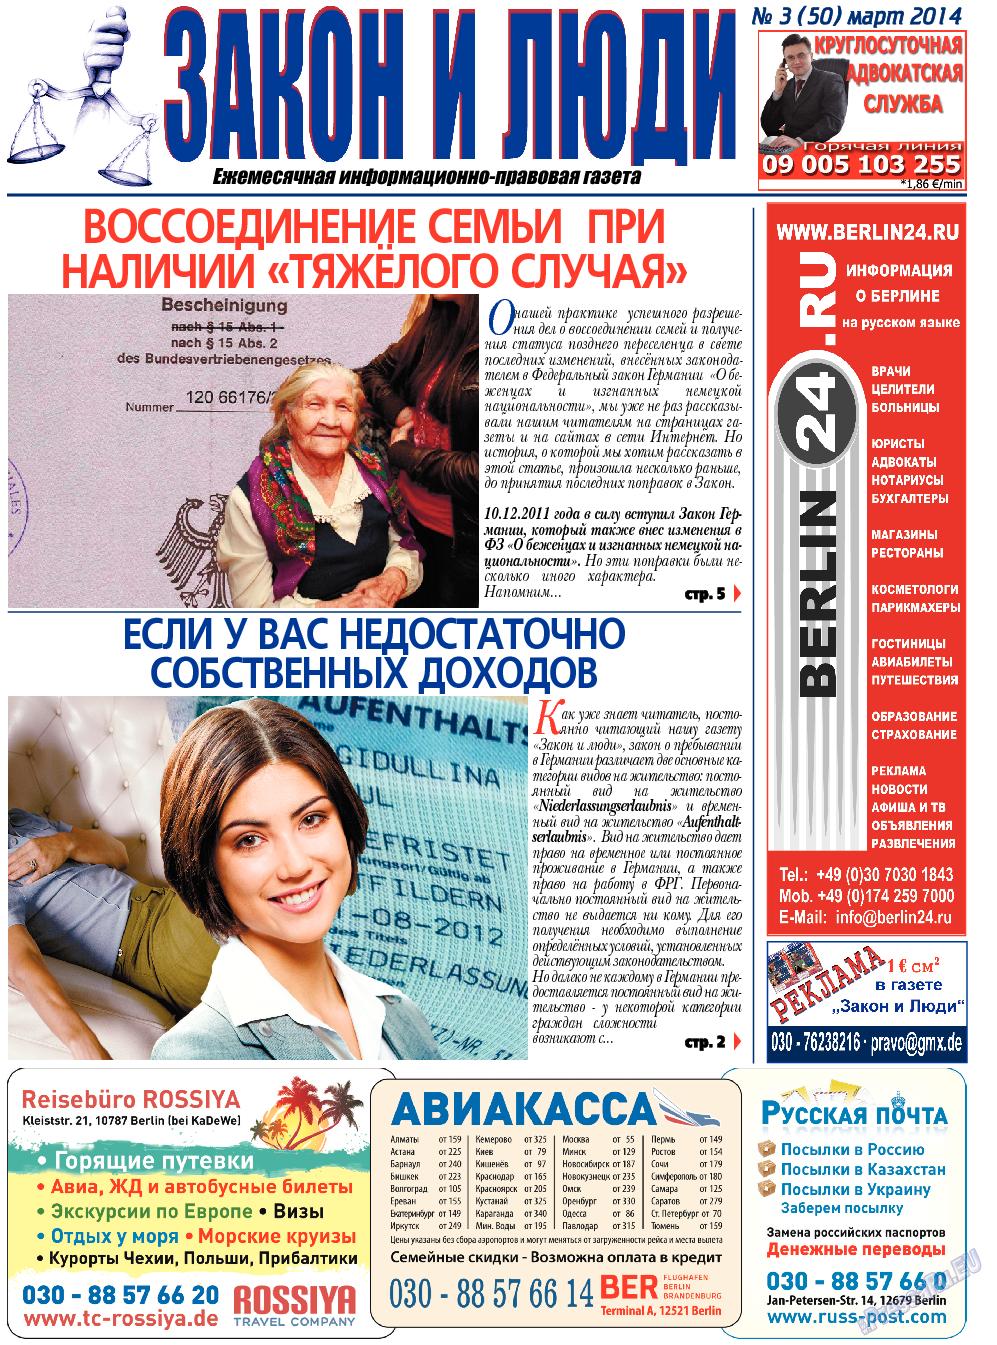 Закон и люди (газета). 2014 год, номер 3, стр. 1